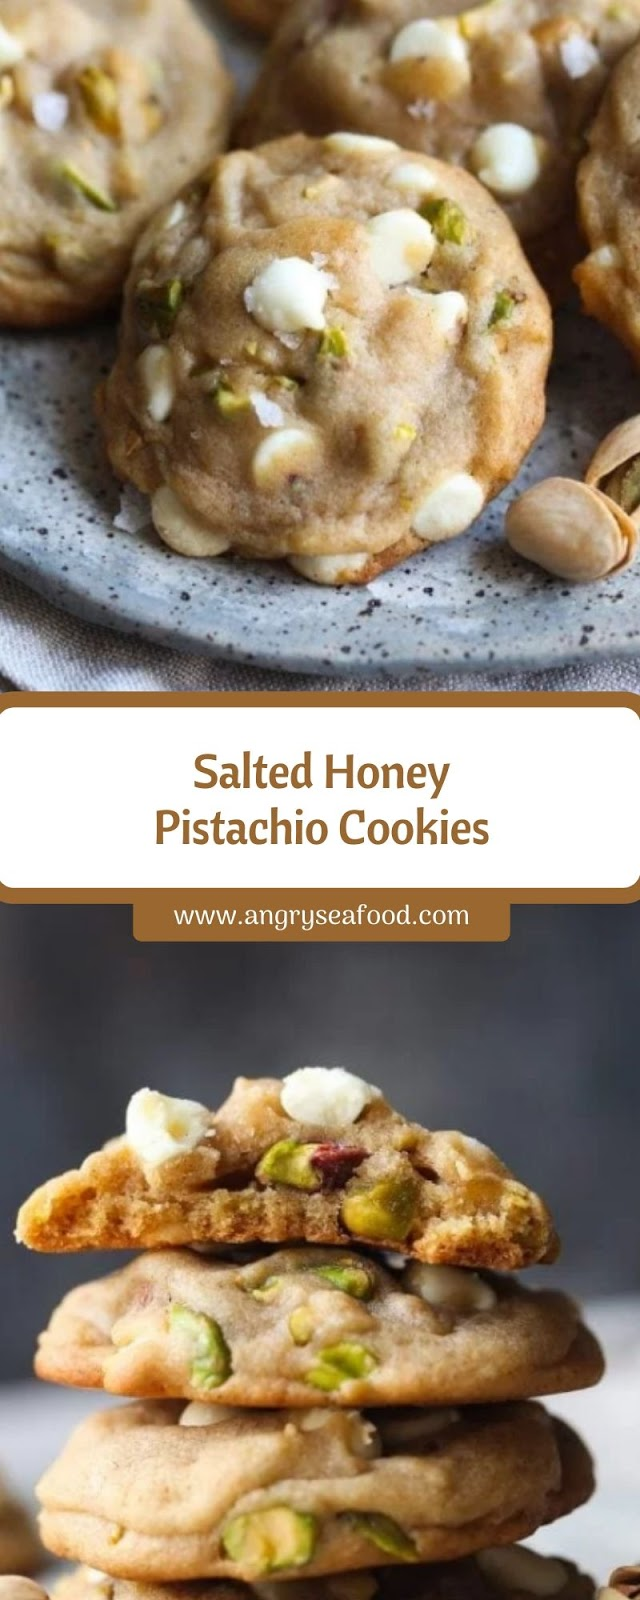 Salted Honey Pistachio Cookies